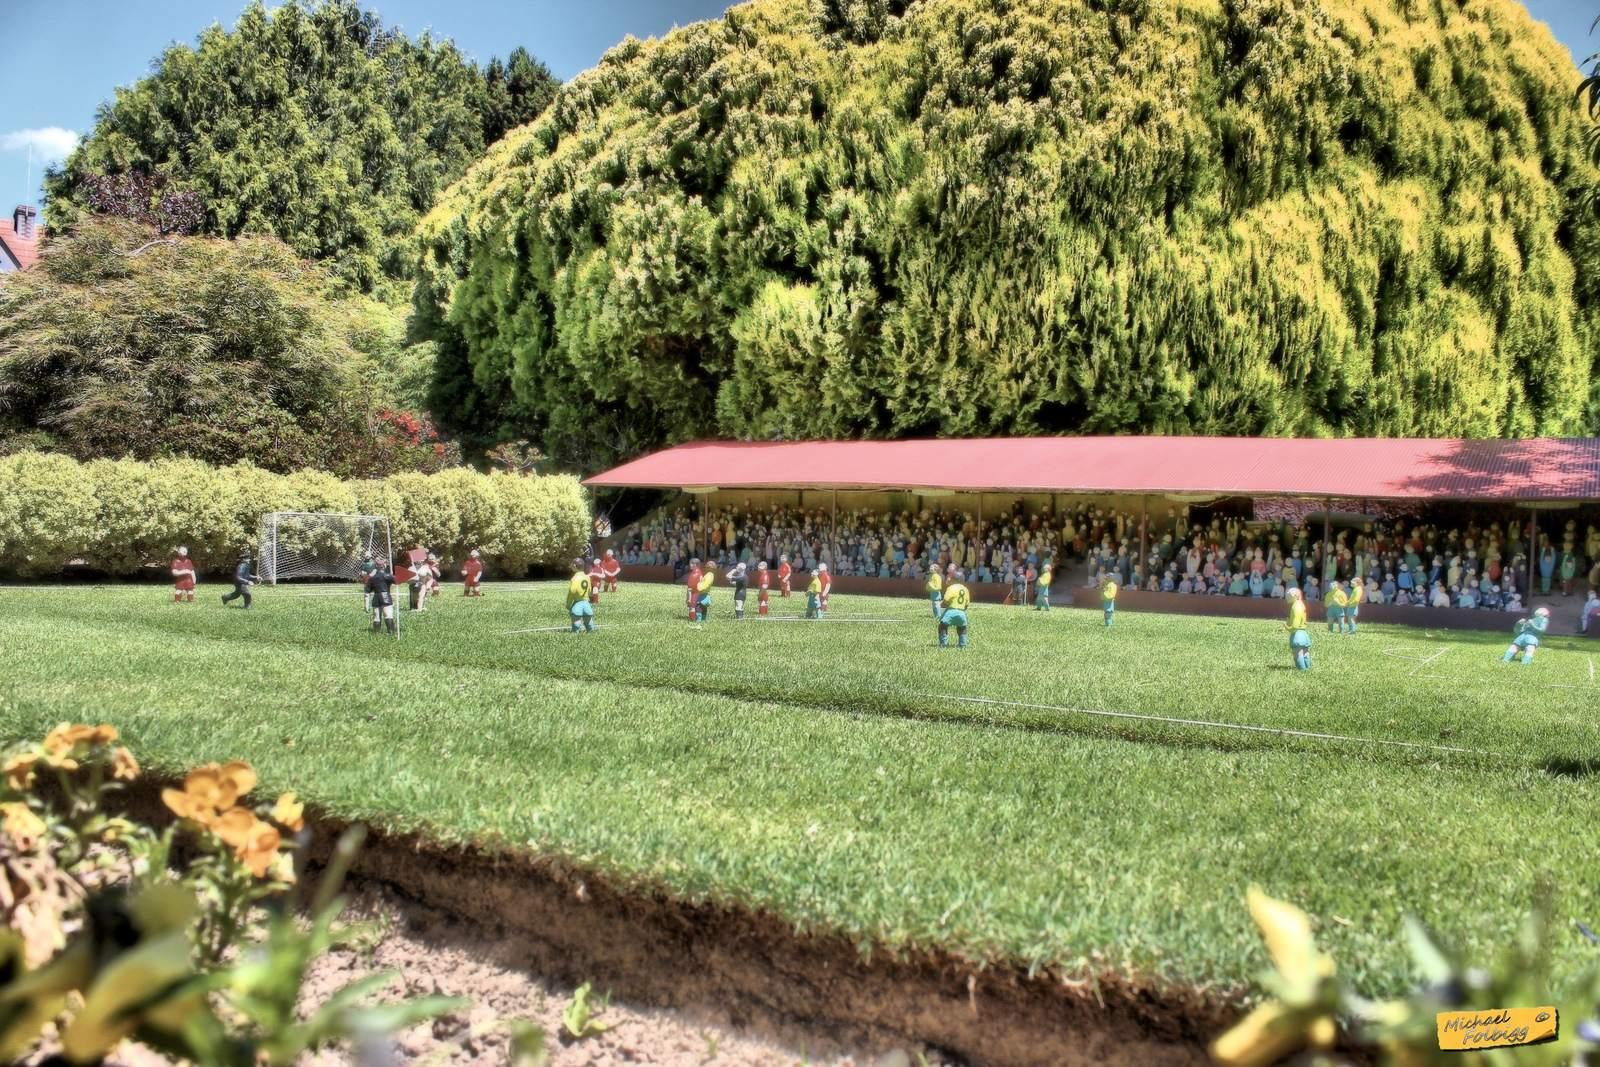 cockington green8 Cockington Green Gardens   Park of Miniatures